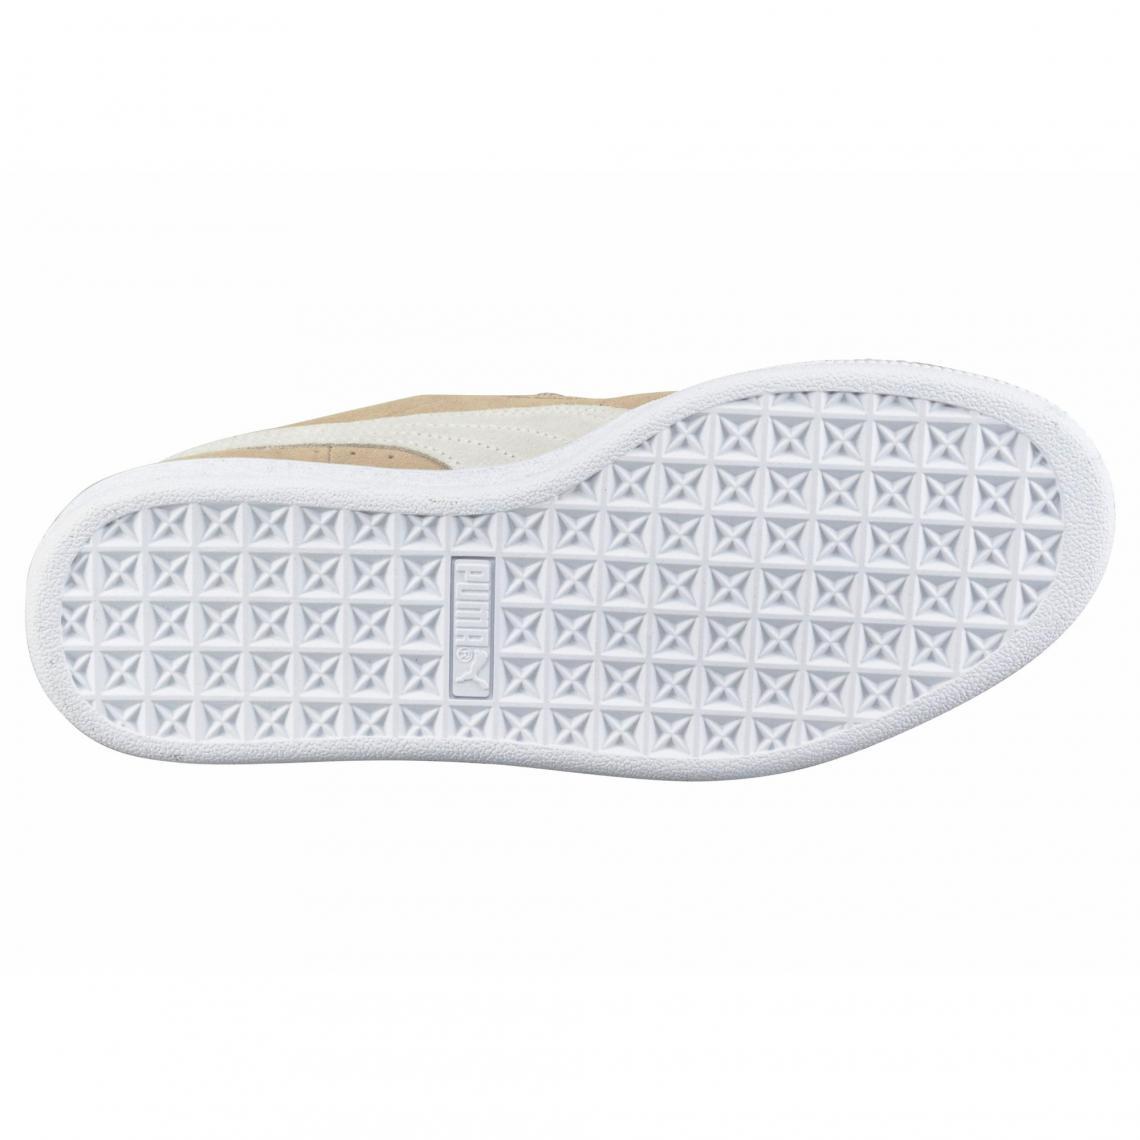 livraison gratuite 9fe2f 45708 Puma Suede Classic+ sneaker homme - rosé / blanc | 3 SUISSES